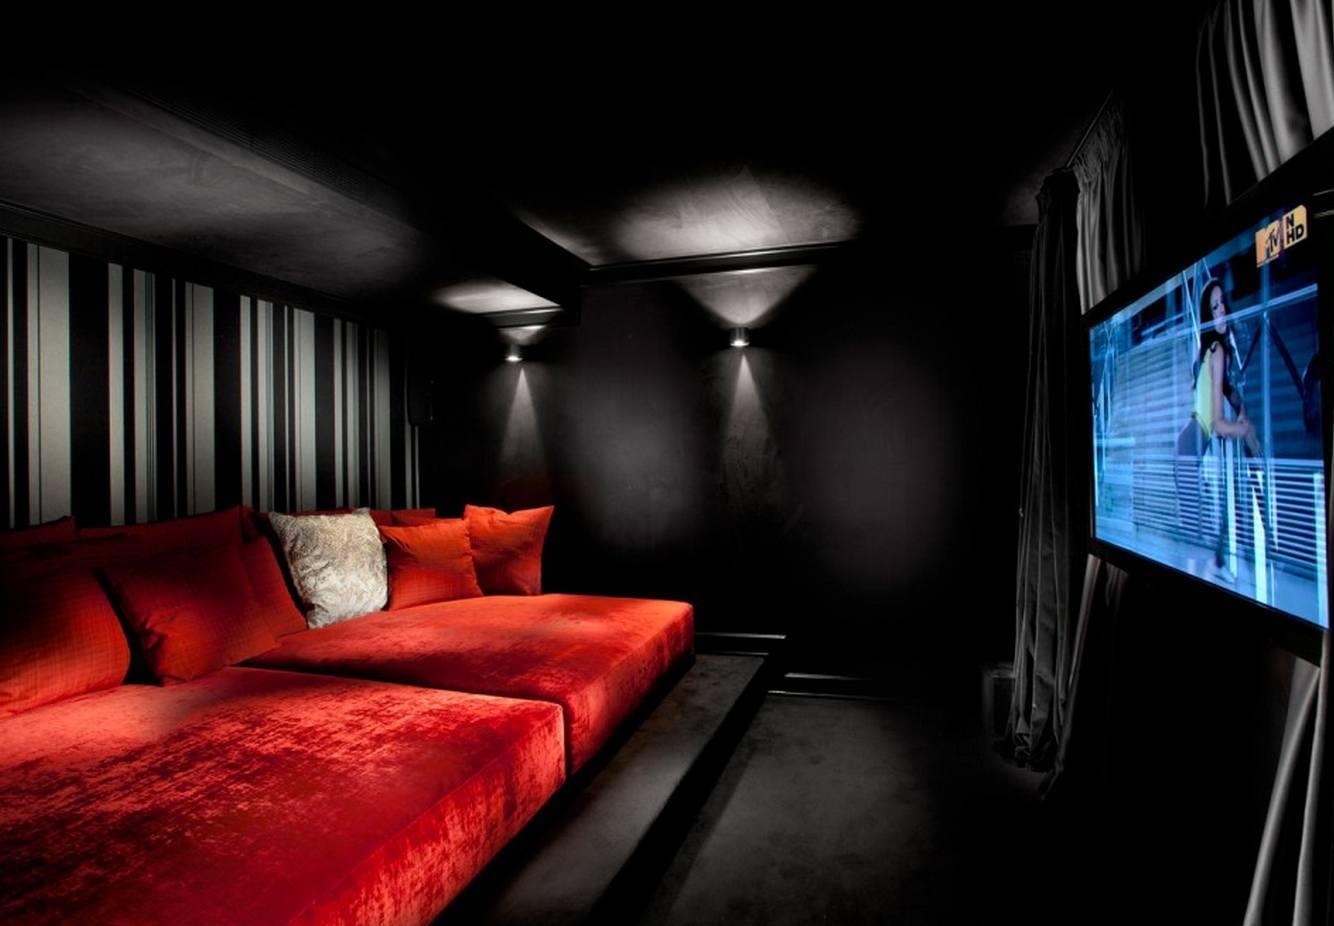 Interior design for home theatre room - Home Theater Interior Home Theater As Addition To Large Modern Interior Small